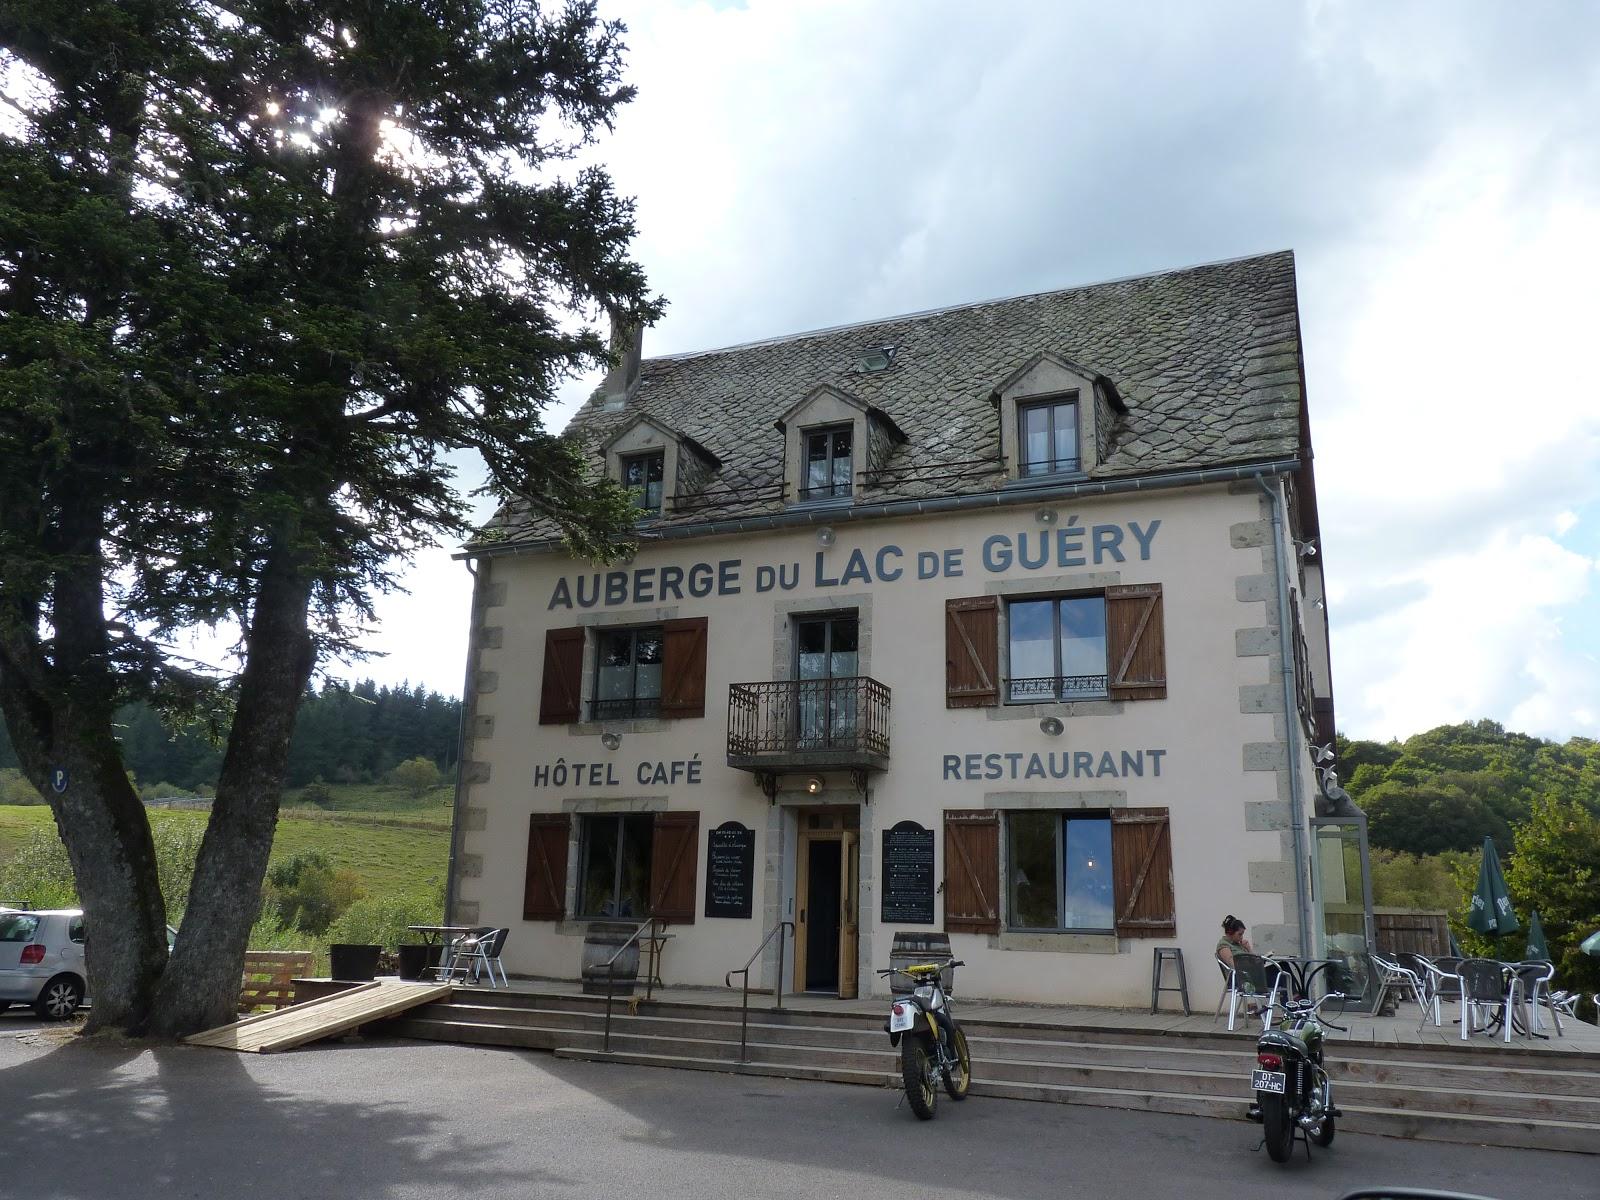 Auvergne, septembre 2018